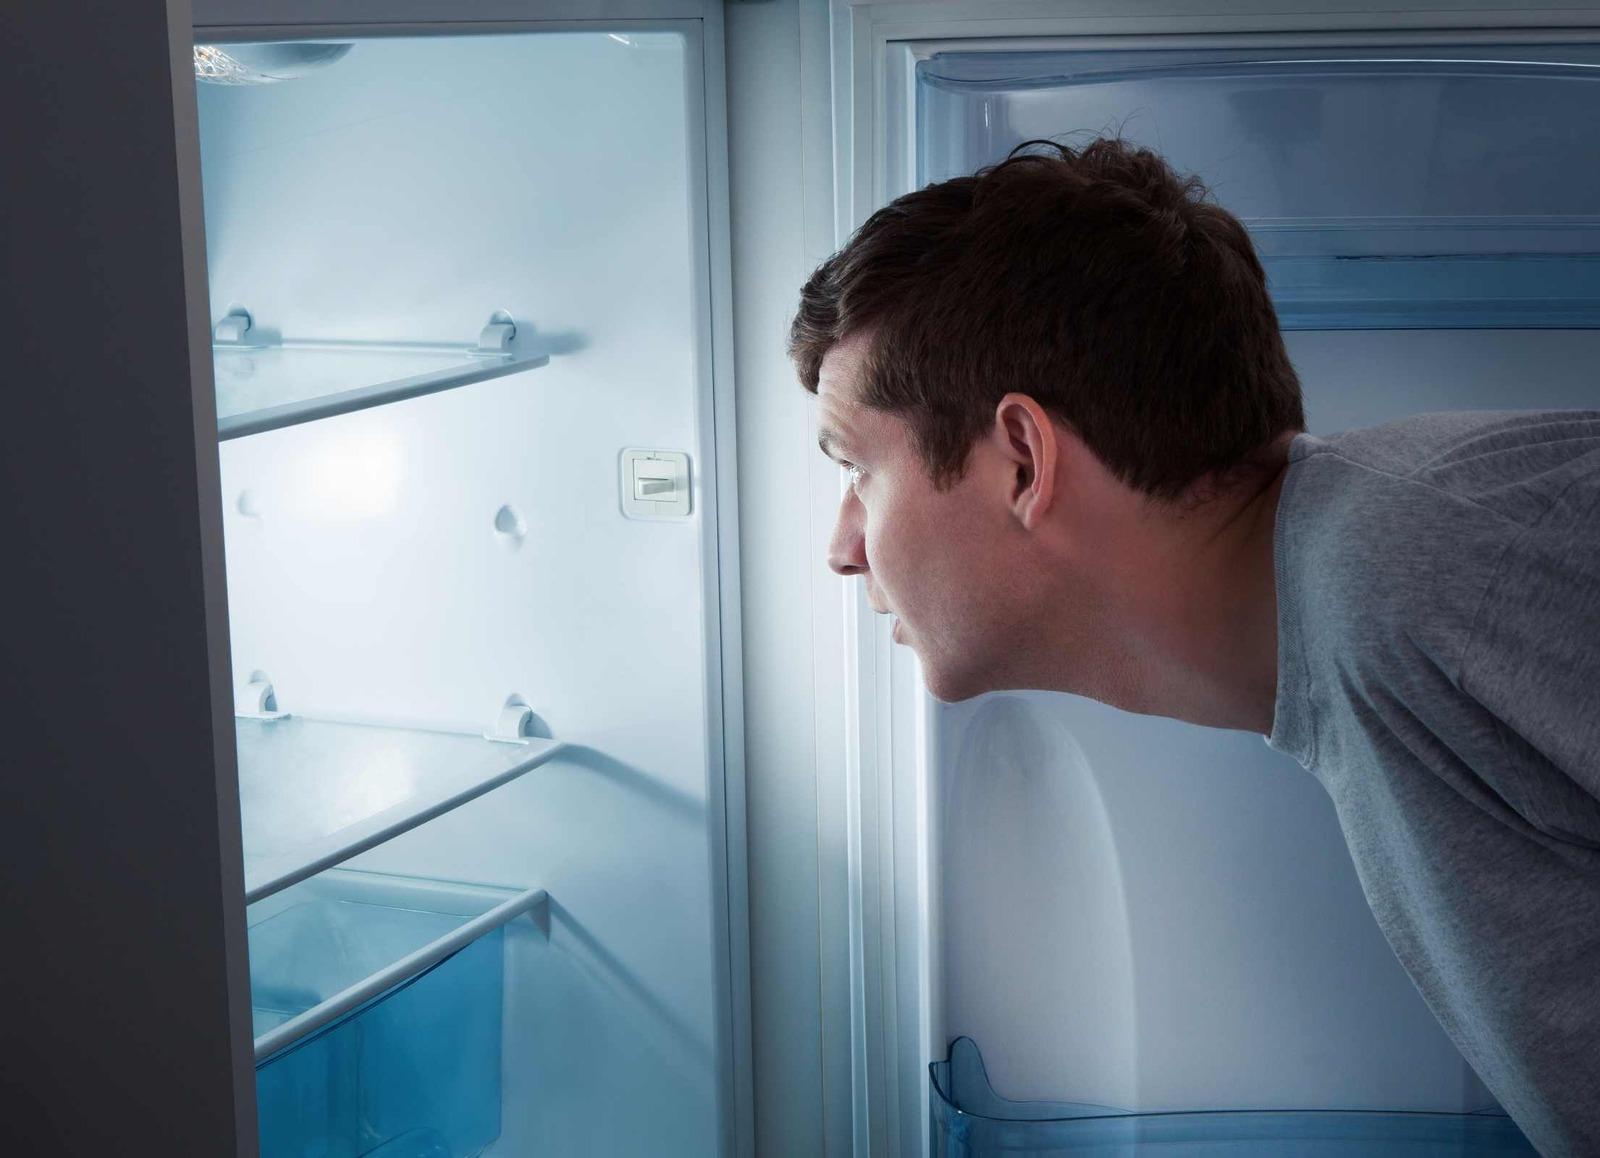 изучение функций холодильника